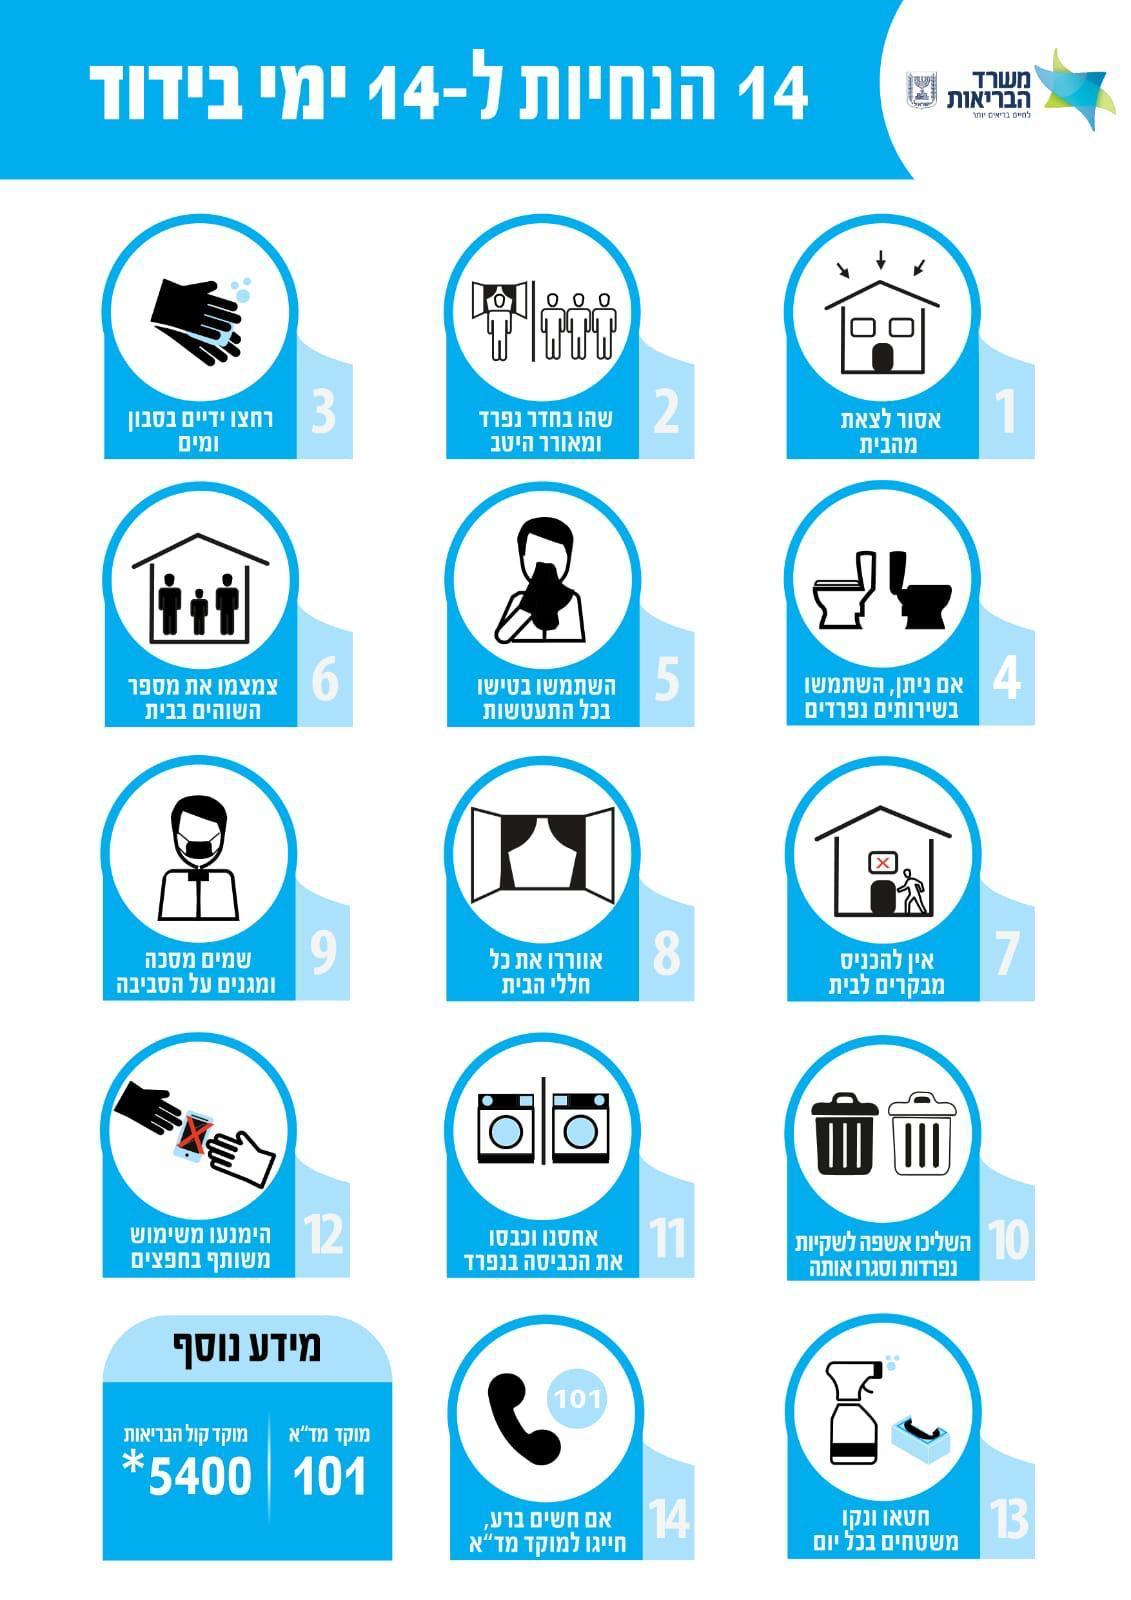 הנחיות לבידוד - קורונה - משרד הבריאות